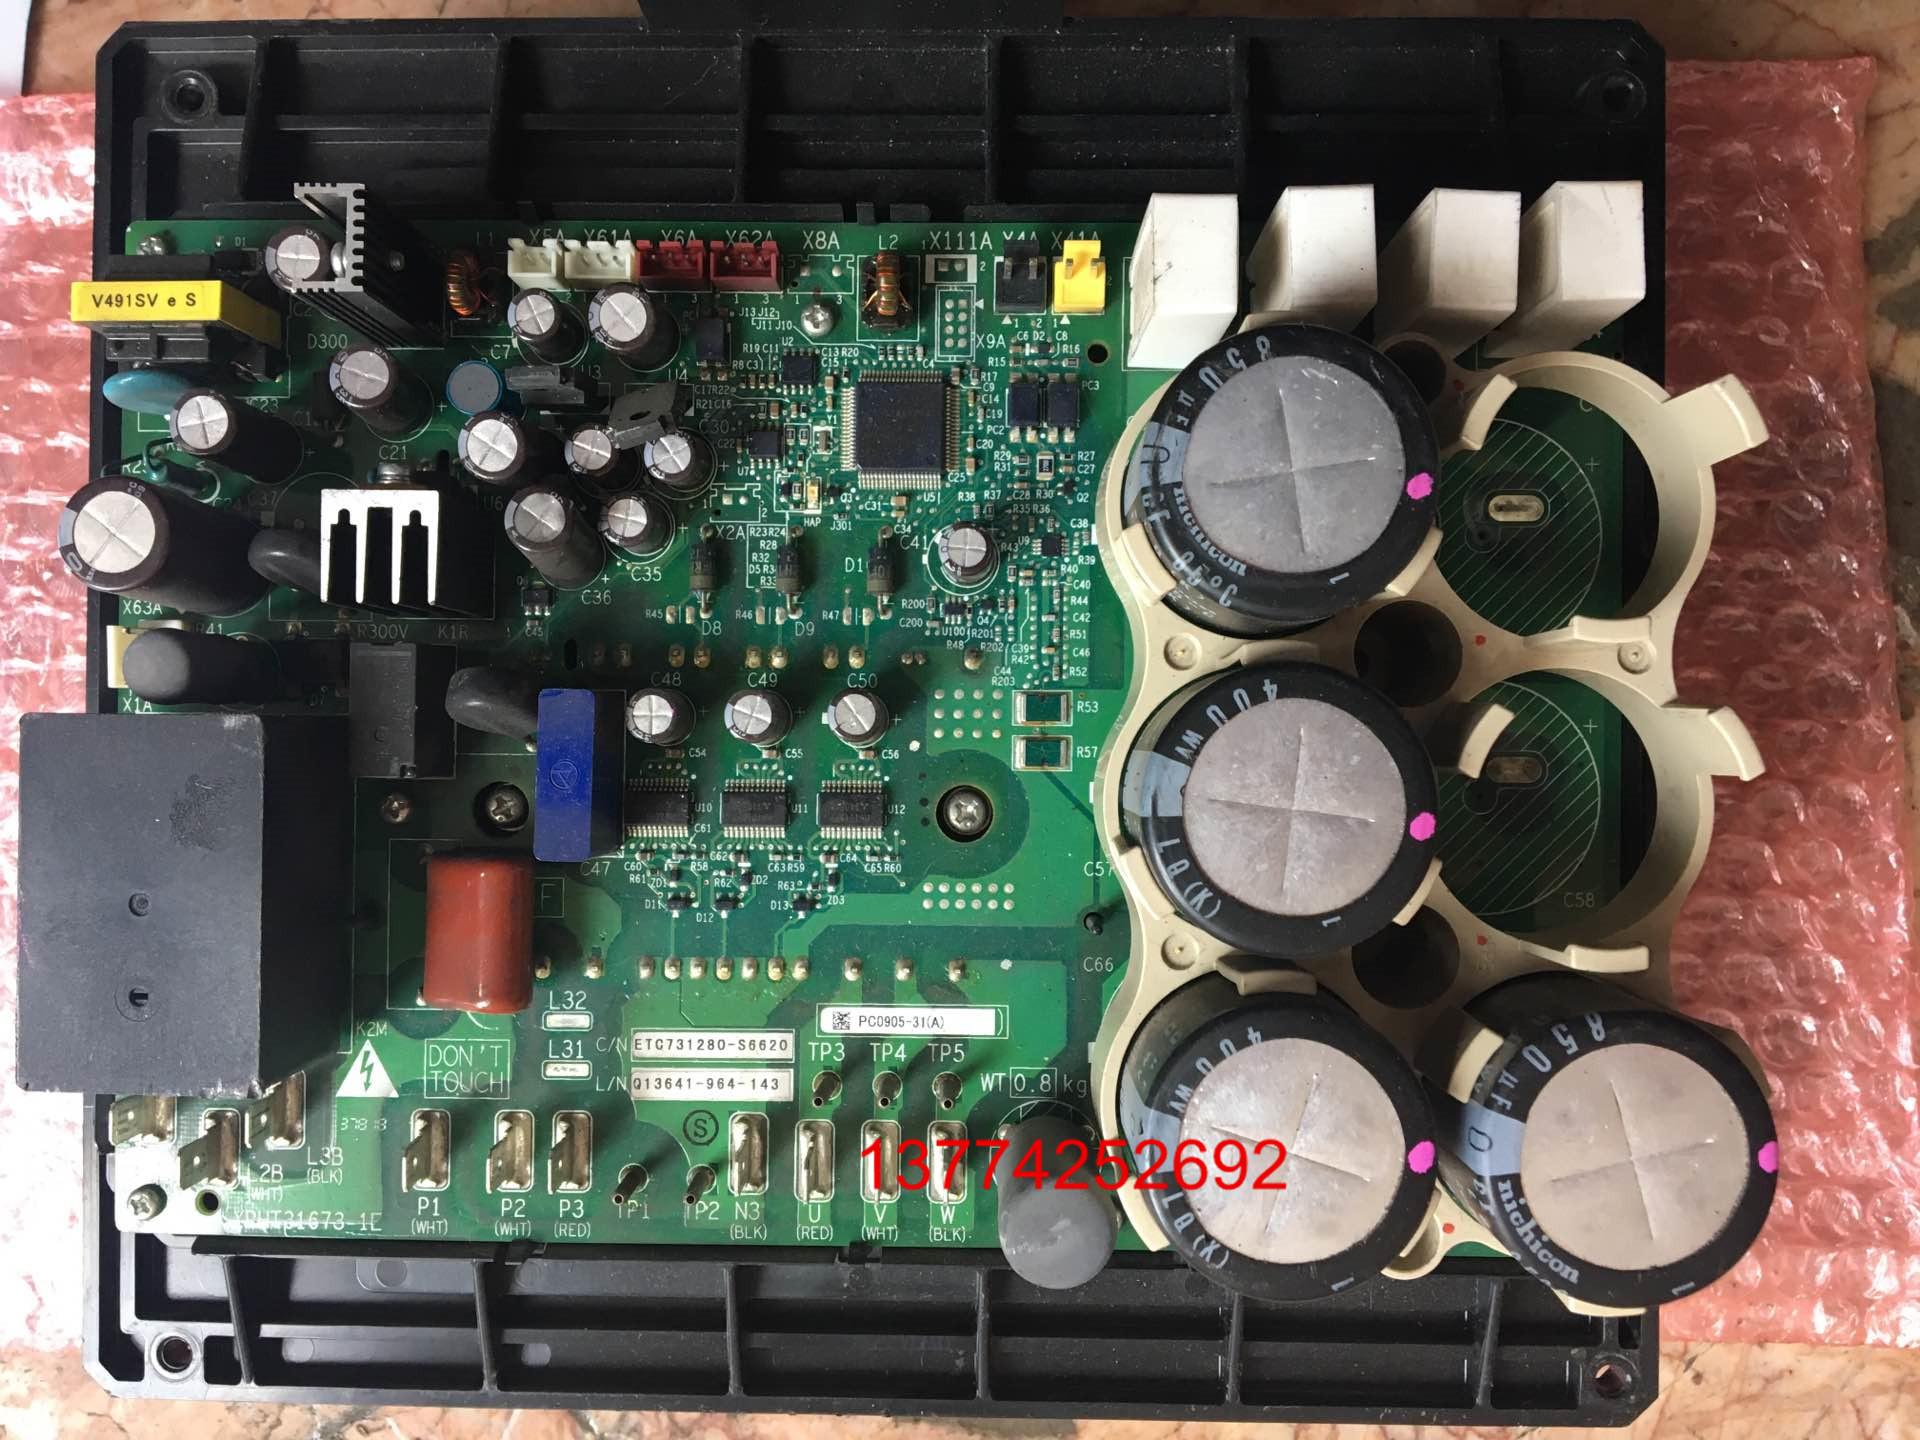 Daikin - Vorstand PC1132-31 (b) PC0905-1 (a) Daikin klimaanlagen RZP250SY1 wechselrichter.